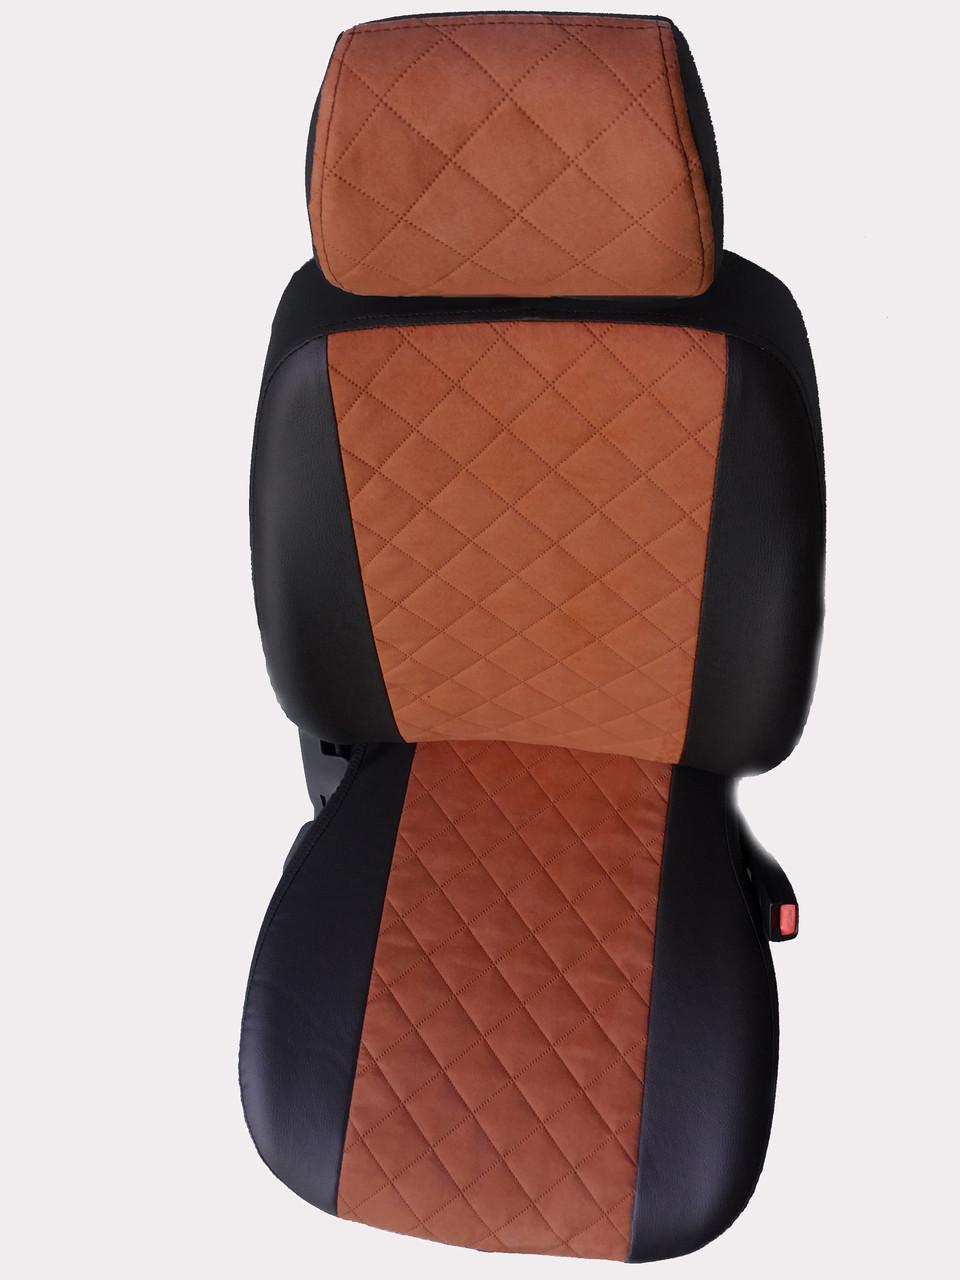 Чехлы на сиденья ДЭУ Джентра (Daewoo Gentra) (универсальные, экокожа+Алькантара, с отдельным подголовником)